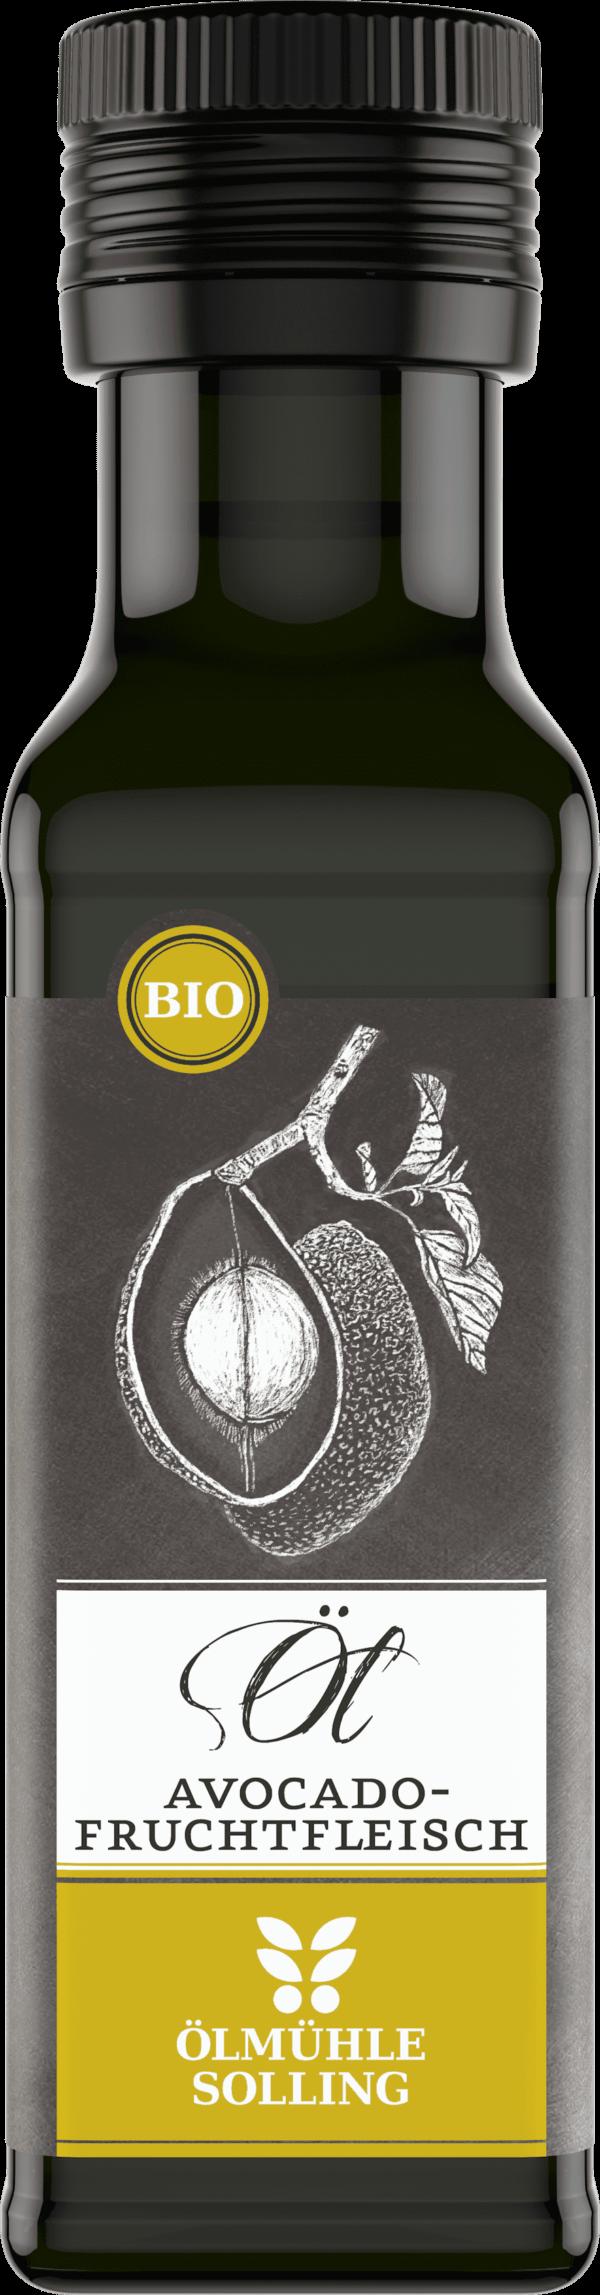 Avocadofruchtfleischöl 100 ml von Ölmühle Solling